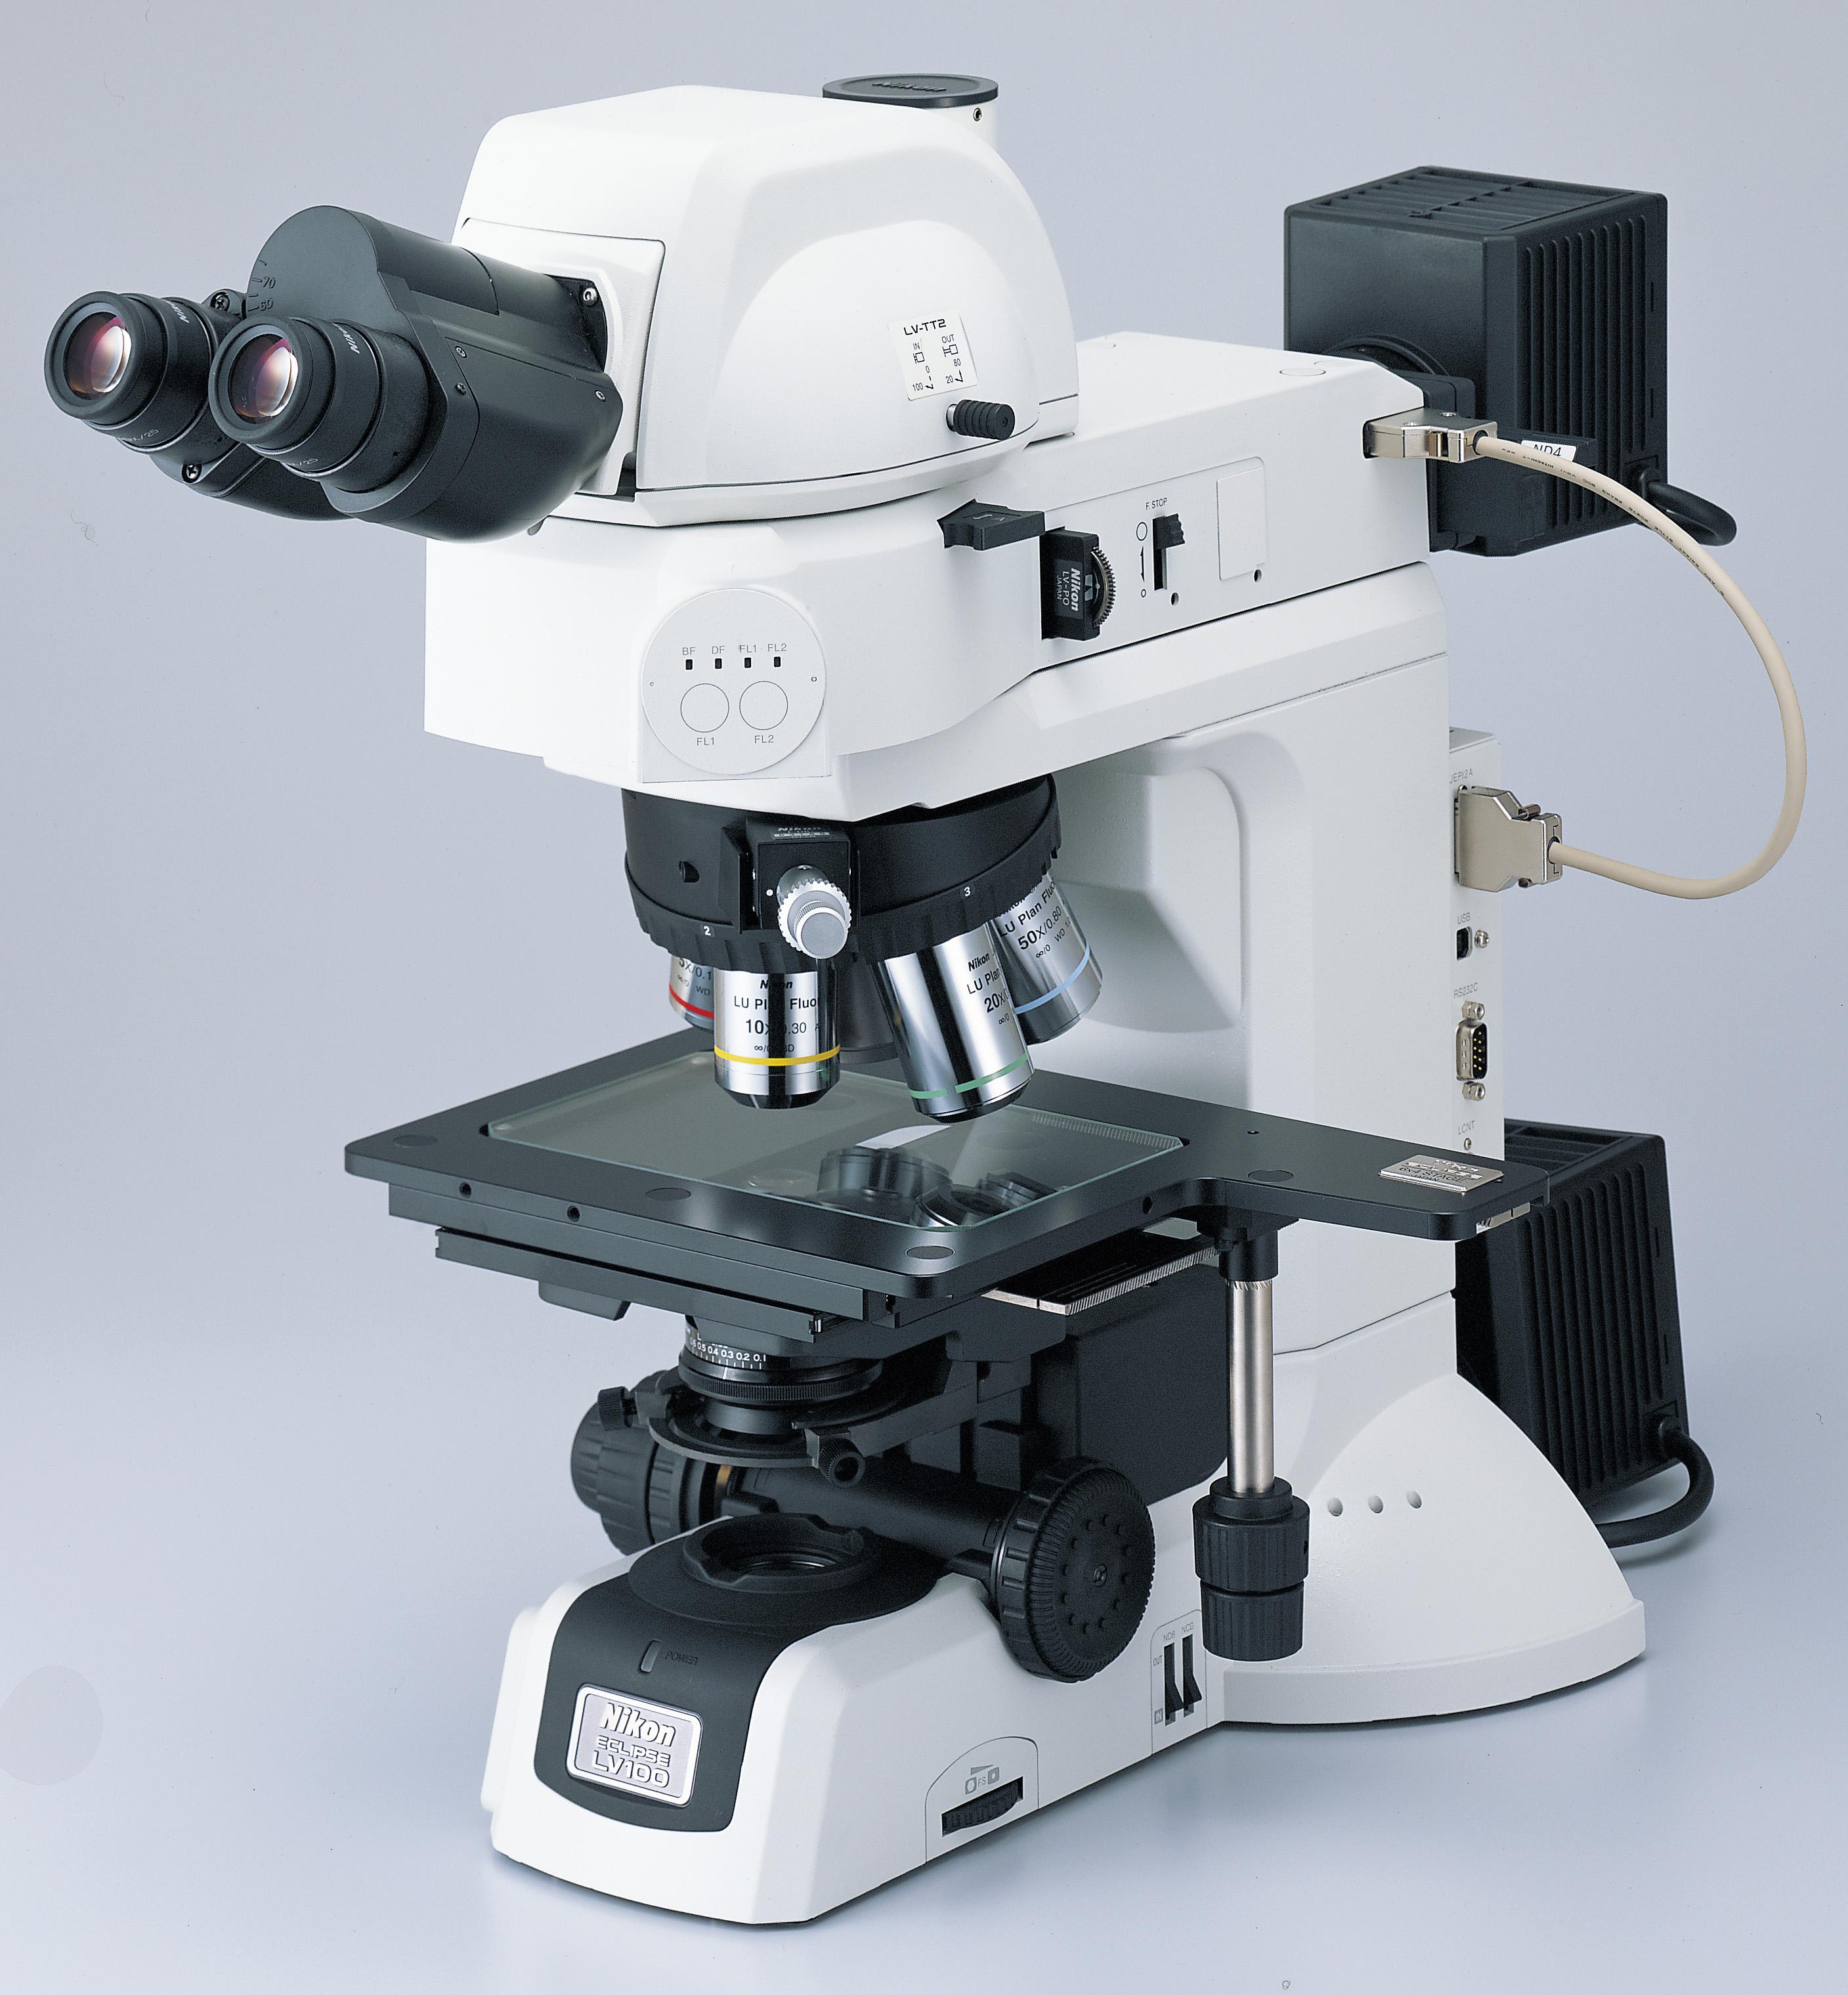 产品检测用到的工业显微镜、测量显微镜、影像测量仪